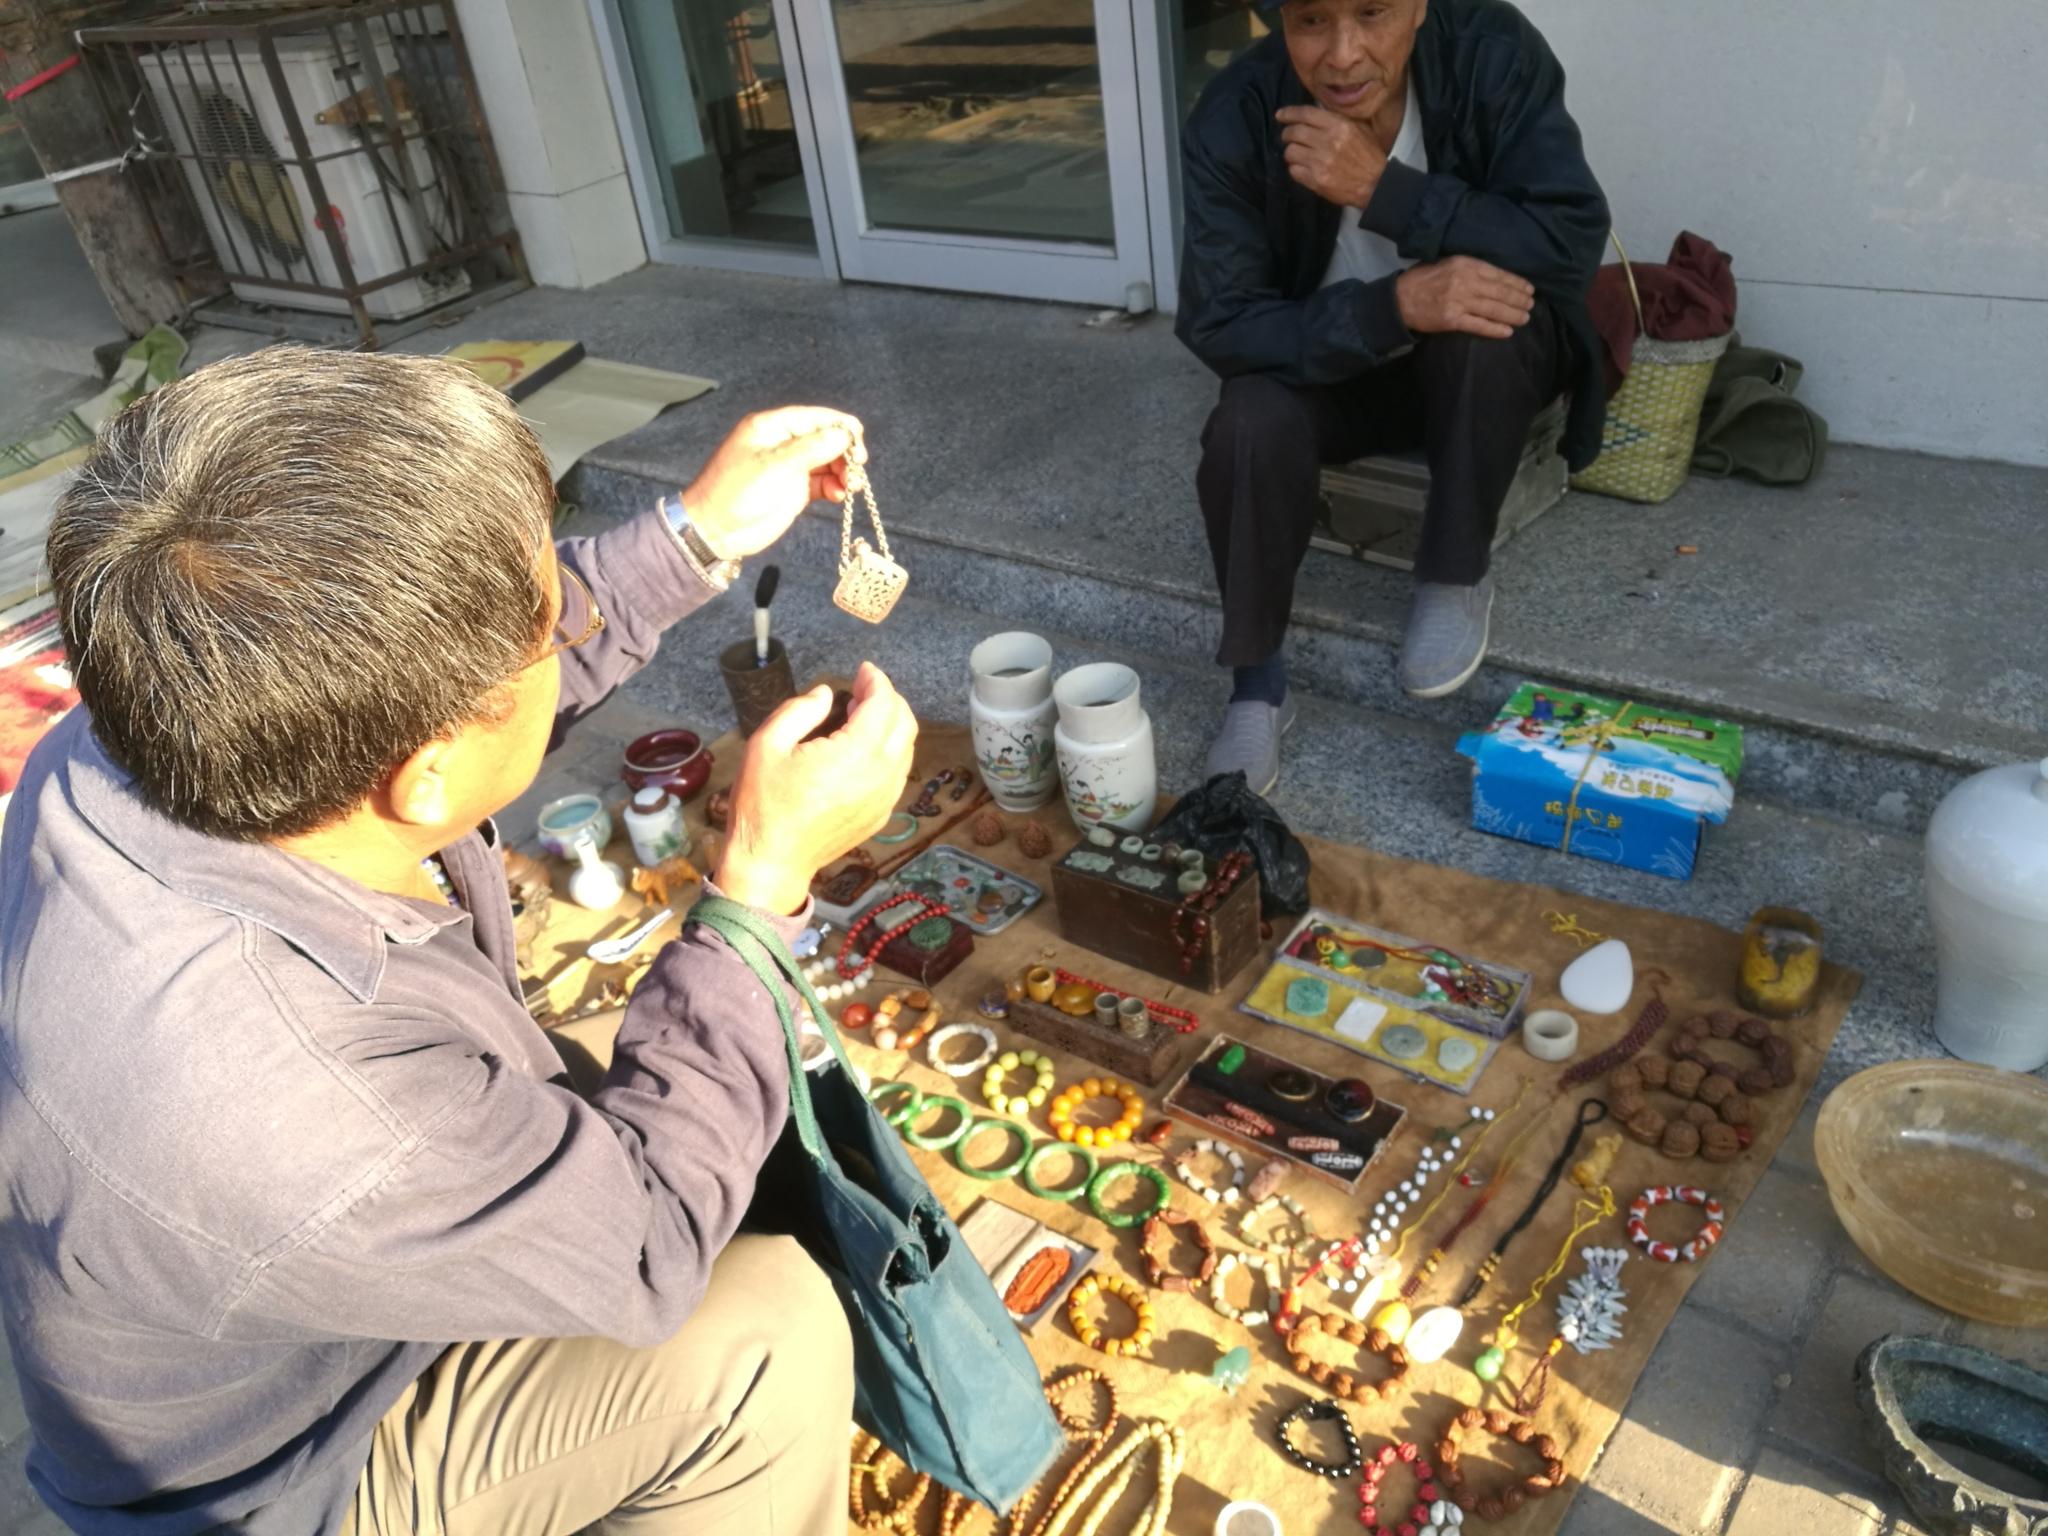 朋友在古玩市场上收获一个银质香囊,不知道是不是老物件